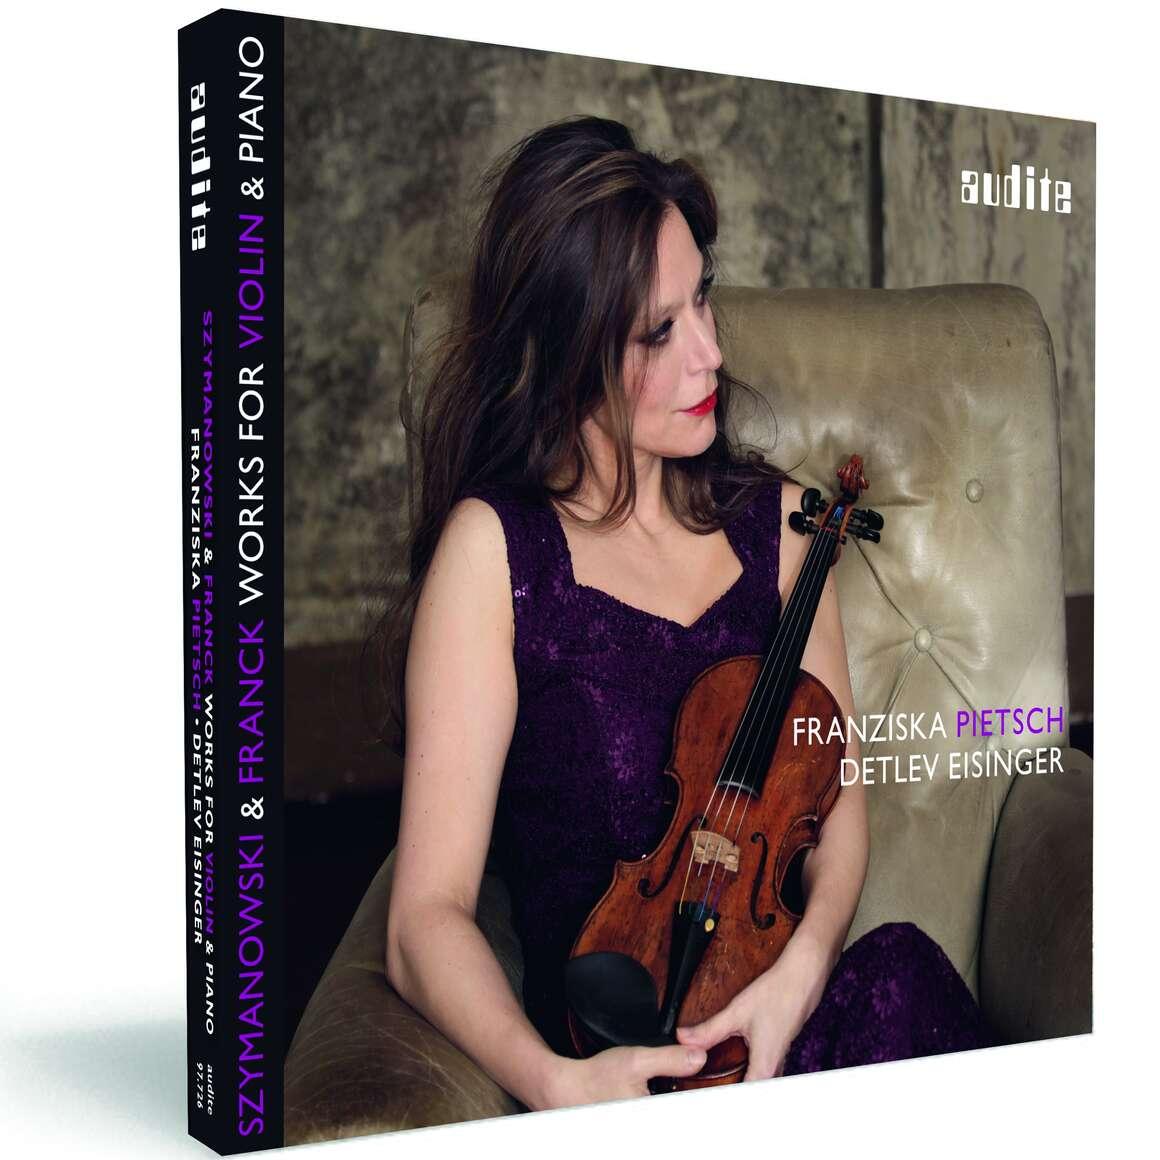 K. Szymanowski & C. Franck: Works for Violin & Piano